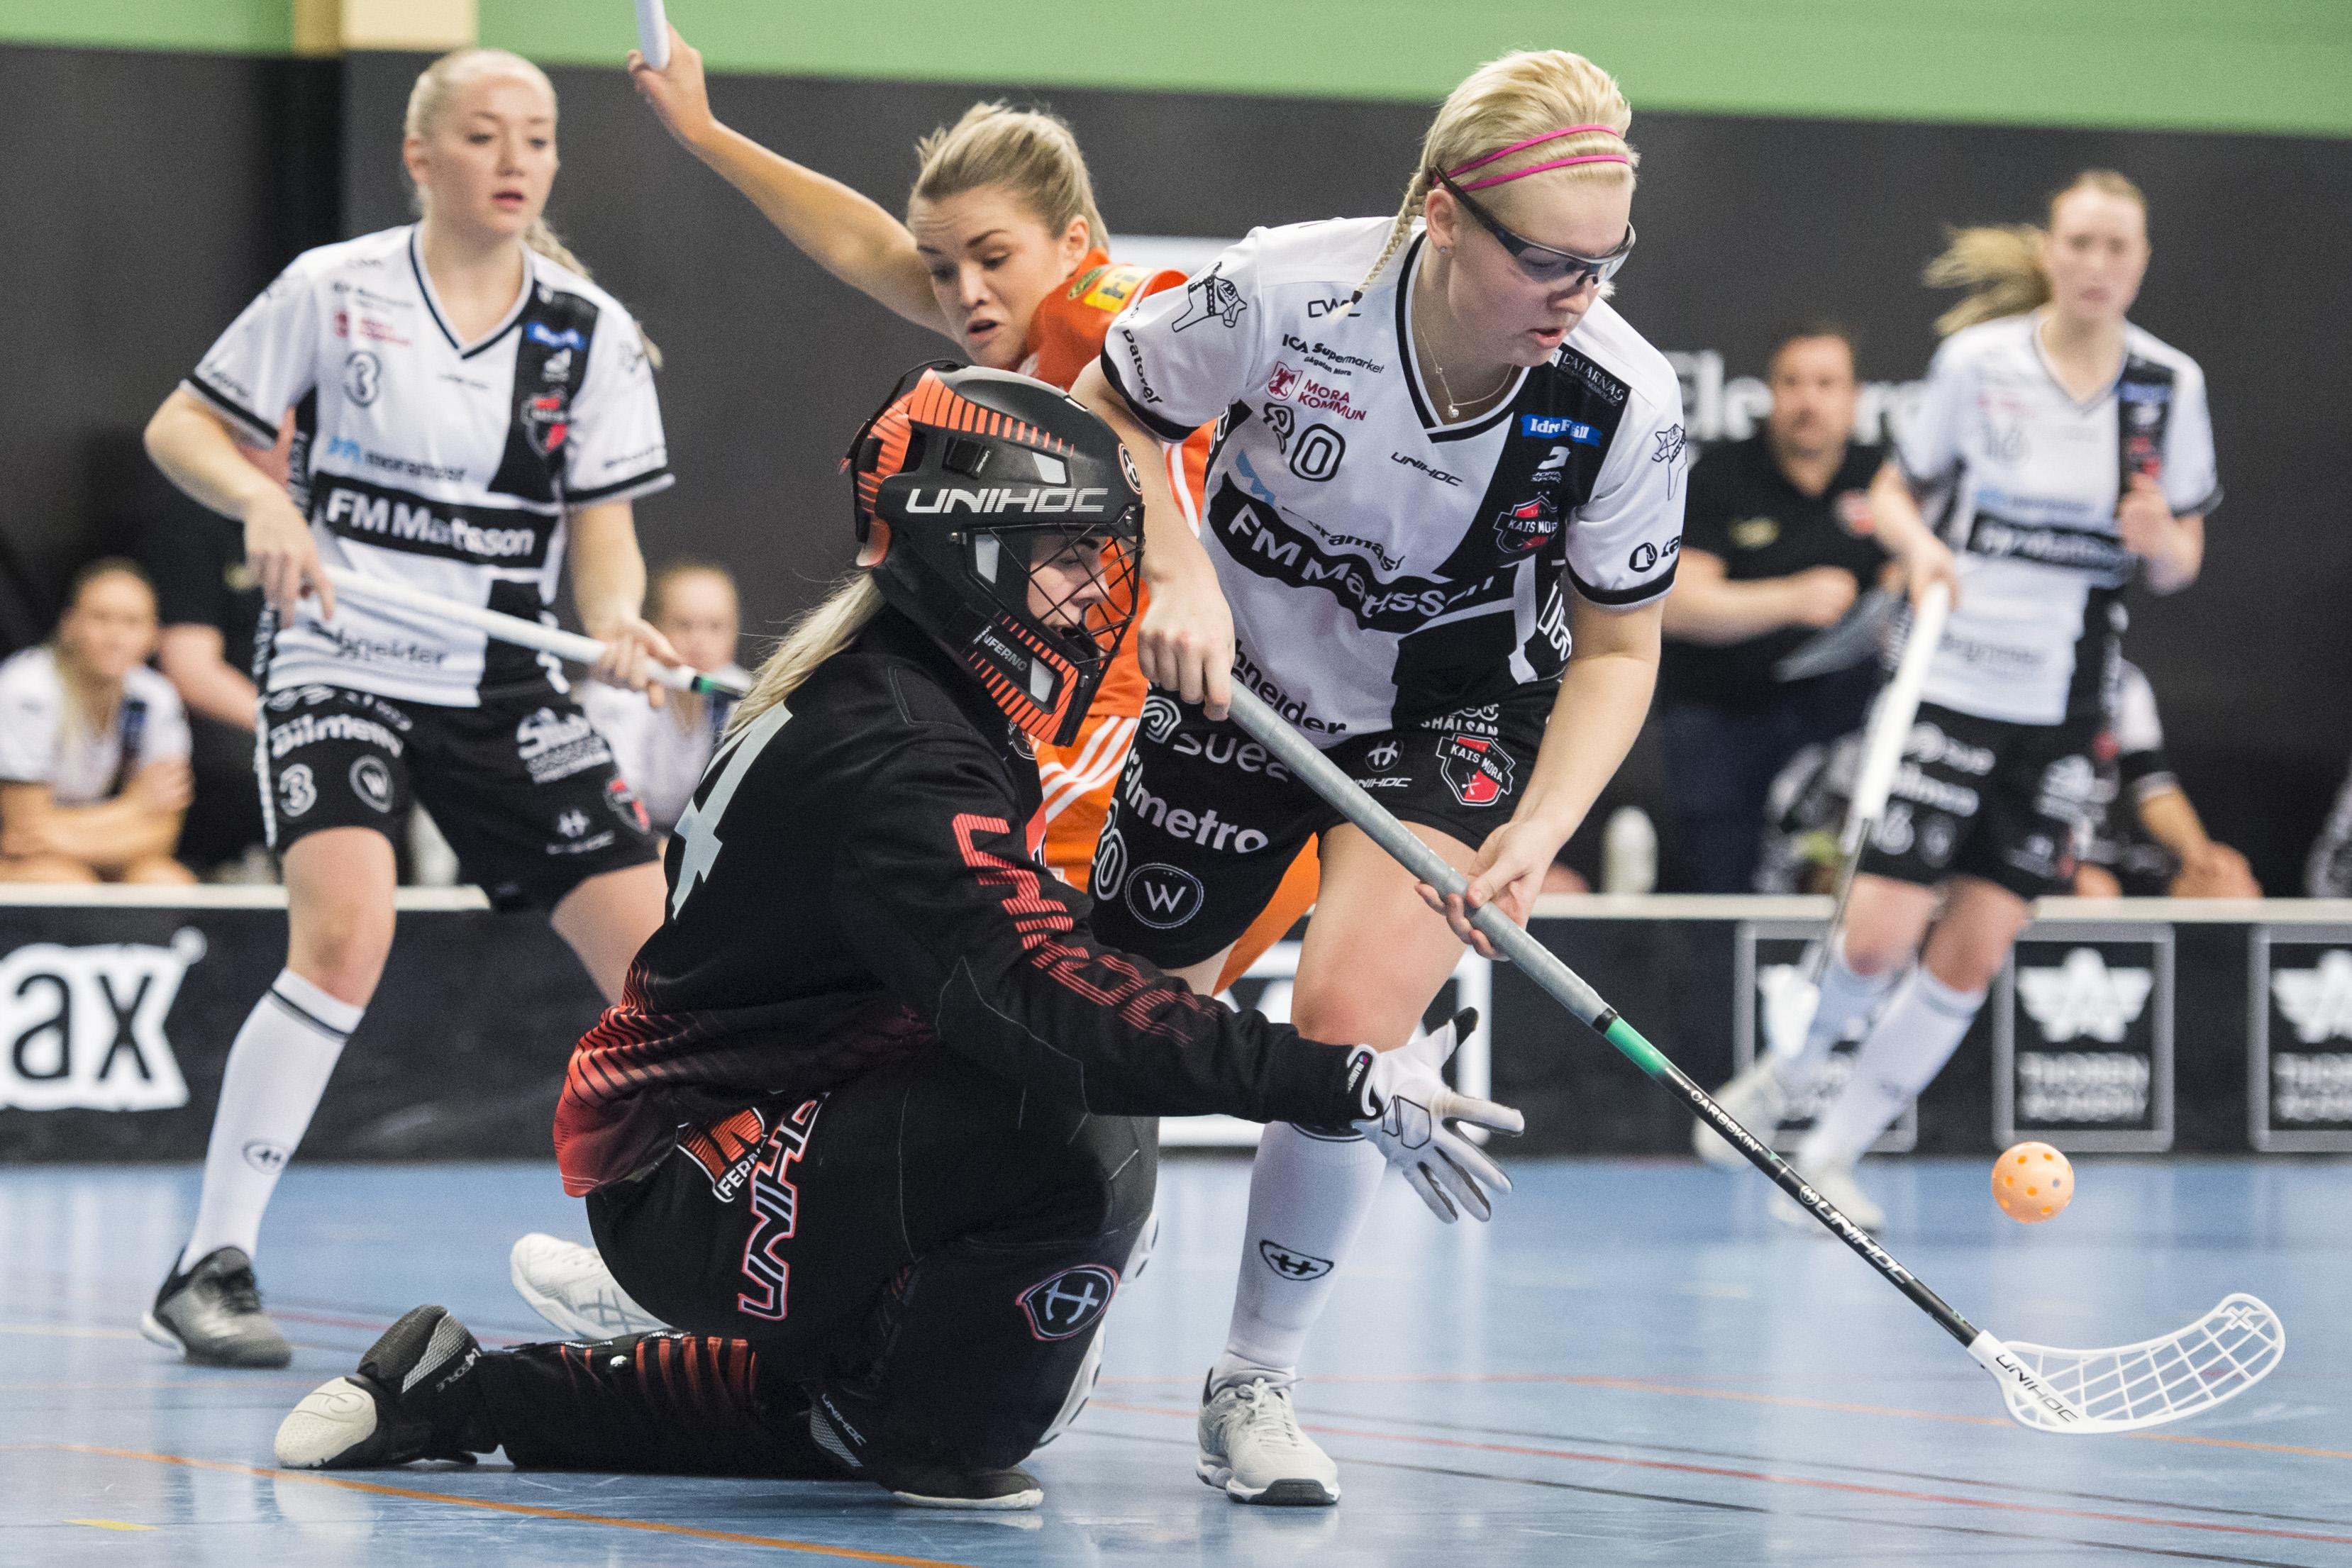 Målvakten Amanda Hill och backen My Kippilä är två nyckelspelare i Mora. Bild: Erik Mårtensson/TT.